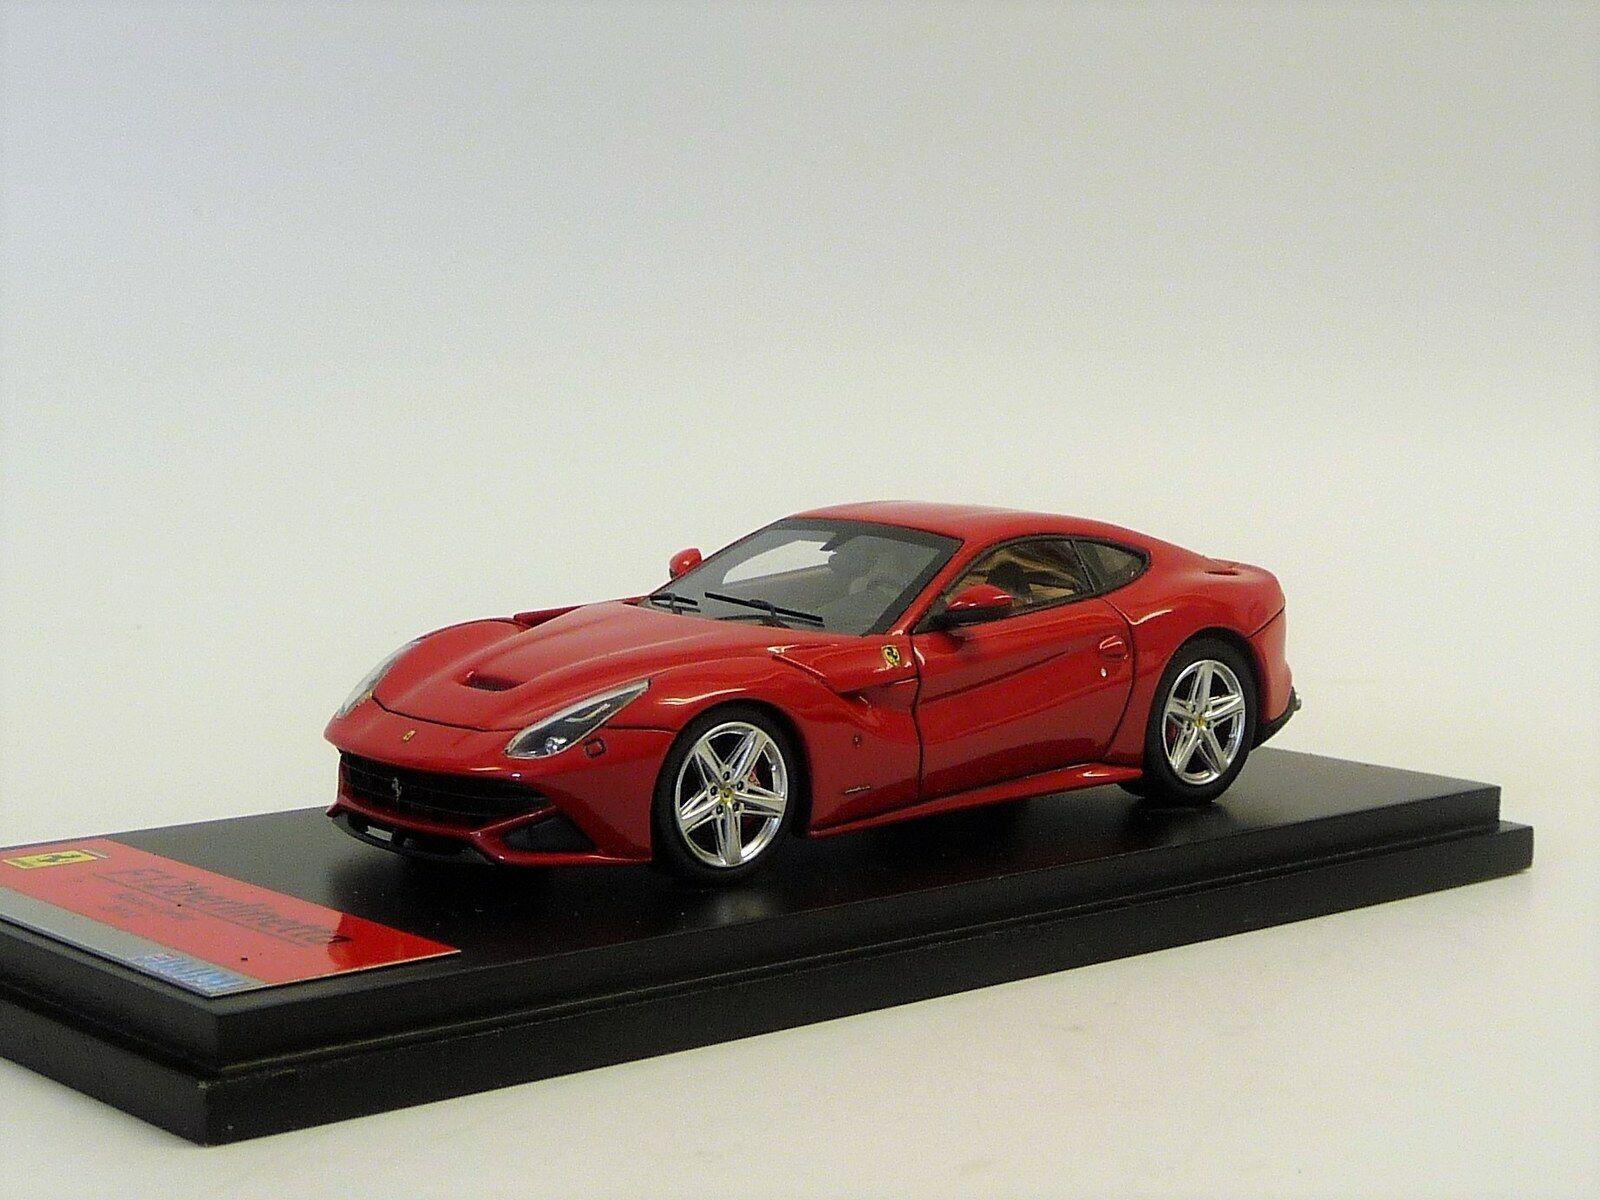 Ferrari F12 Berlinetta 2012 rot Fujimi FJM1343012 Neuwertig in OVP 1 43